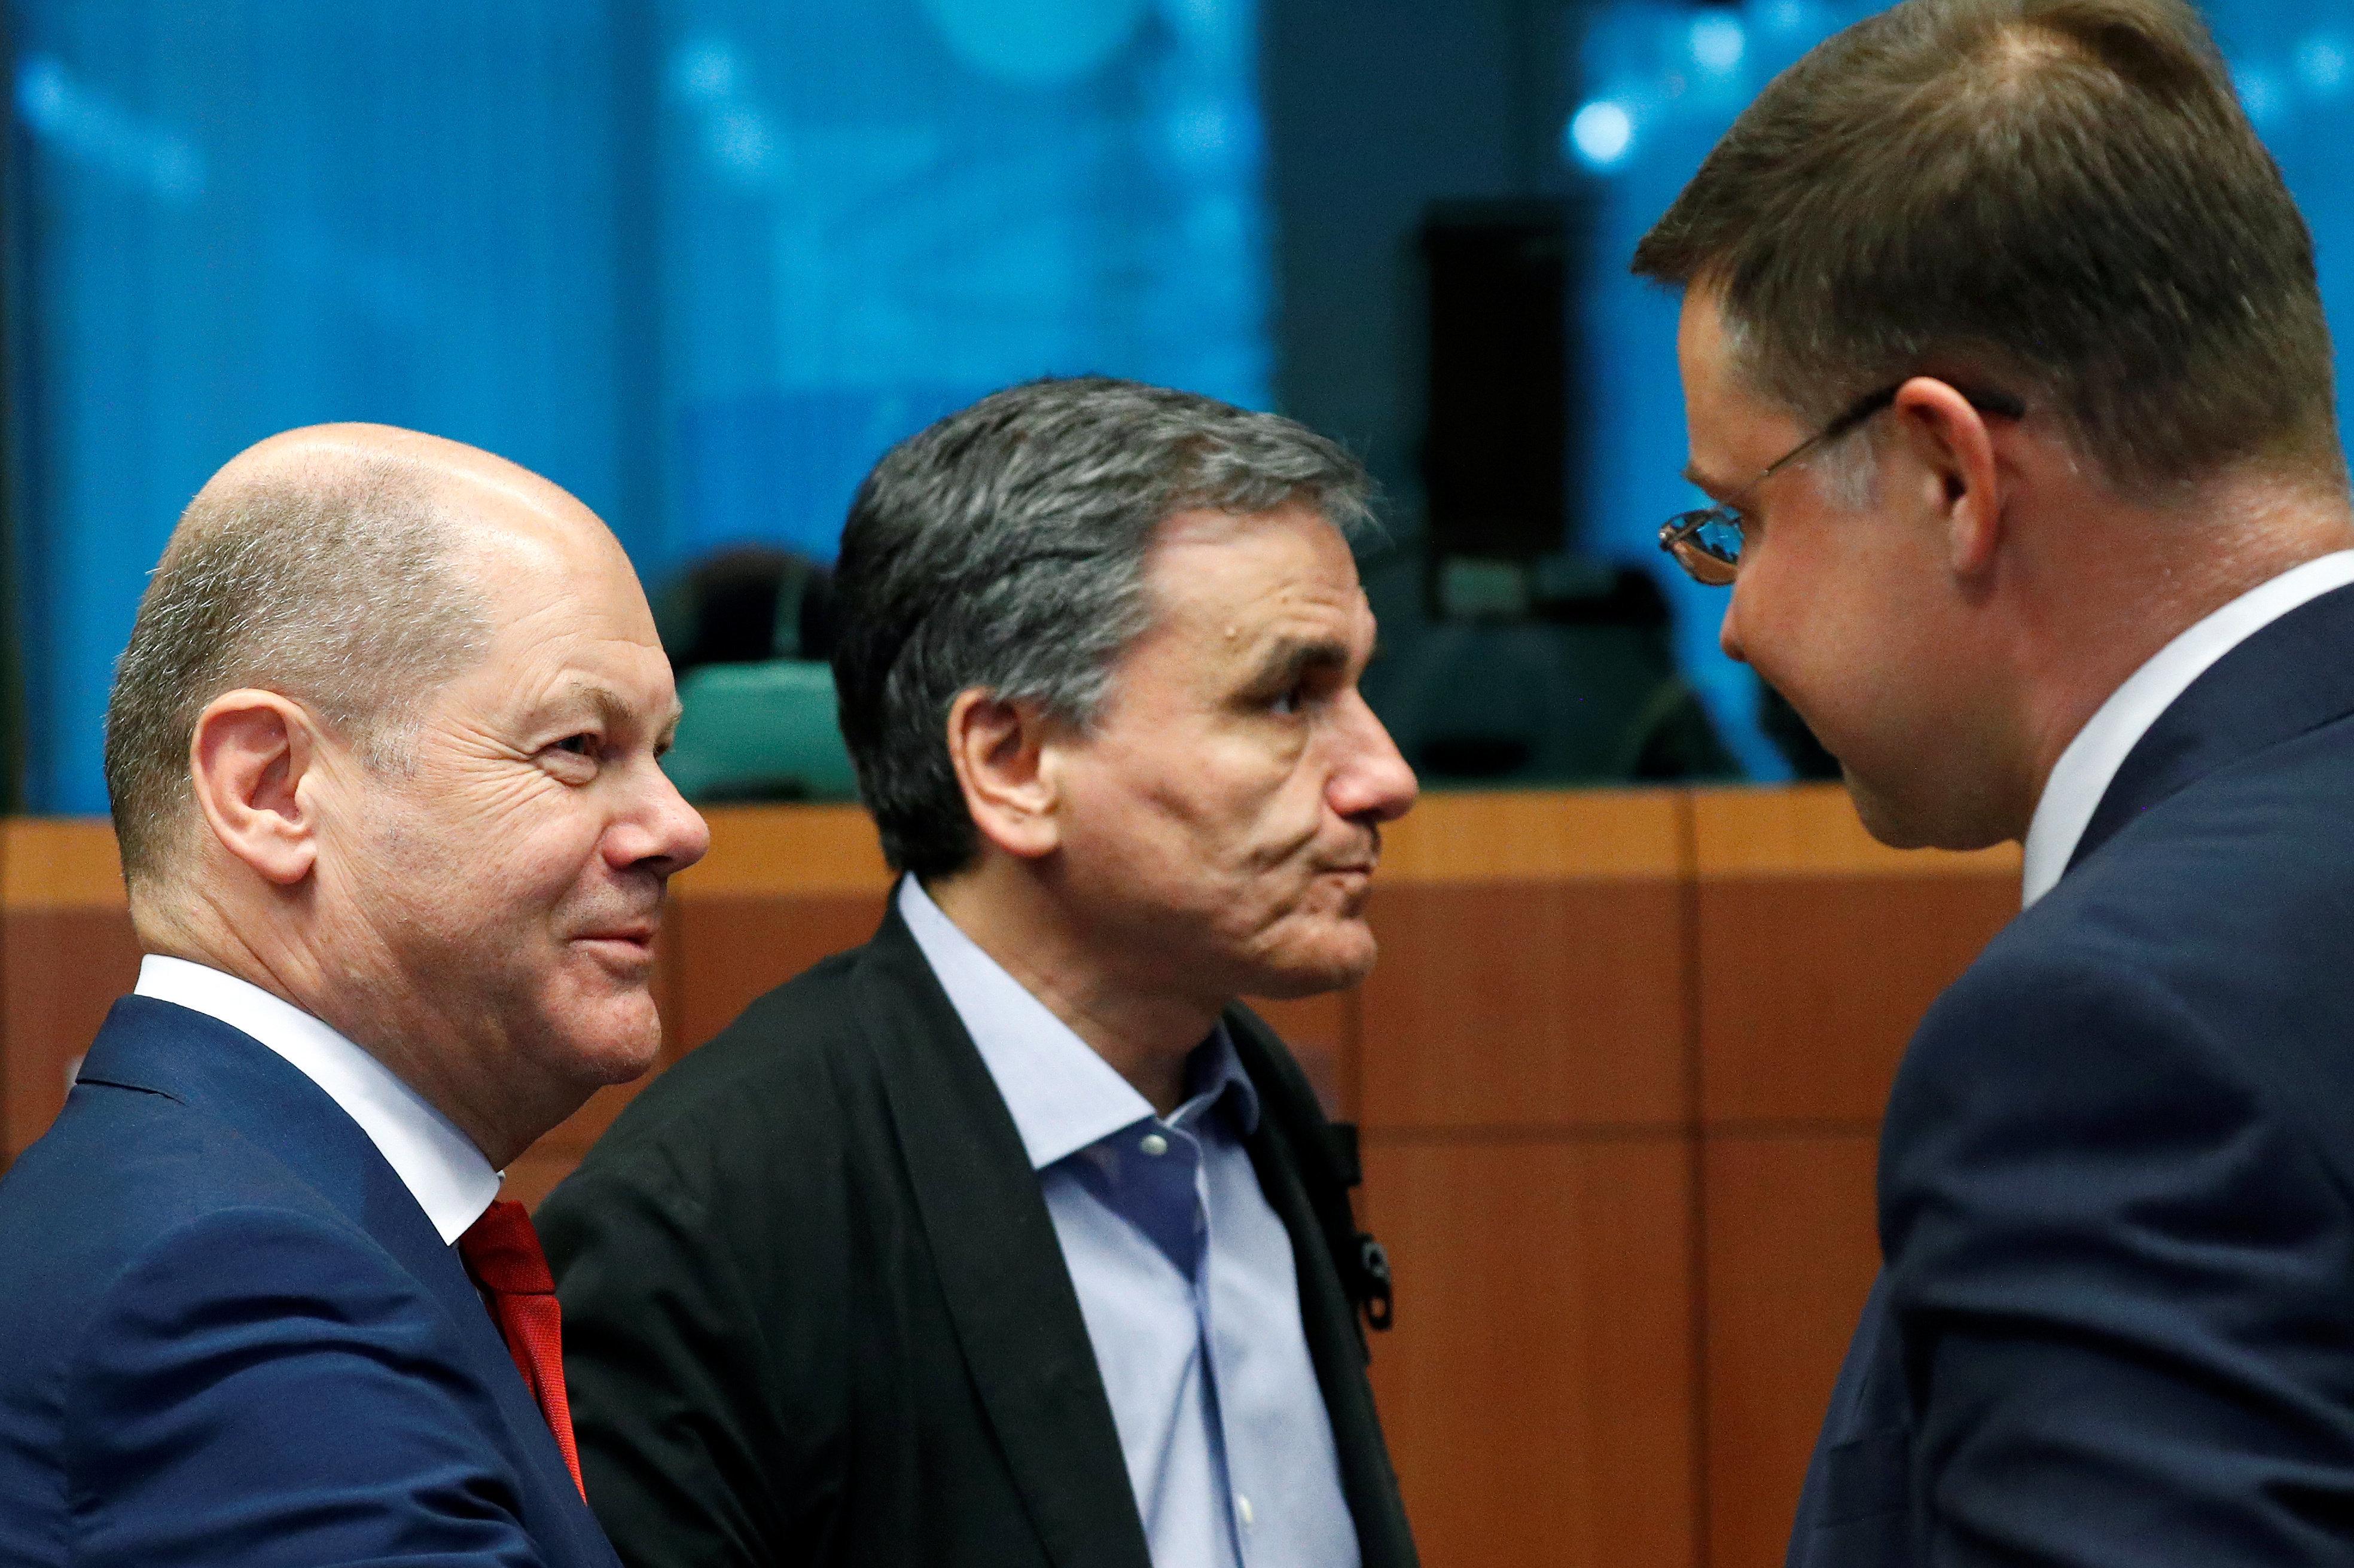 Σε έκτακτο Eurogroup τον Νοέμβριο οι αποφάσεις για τις